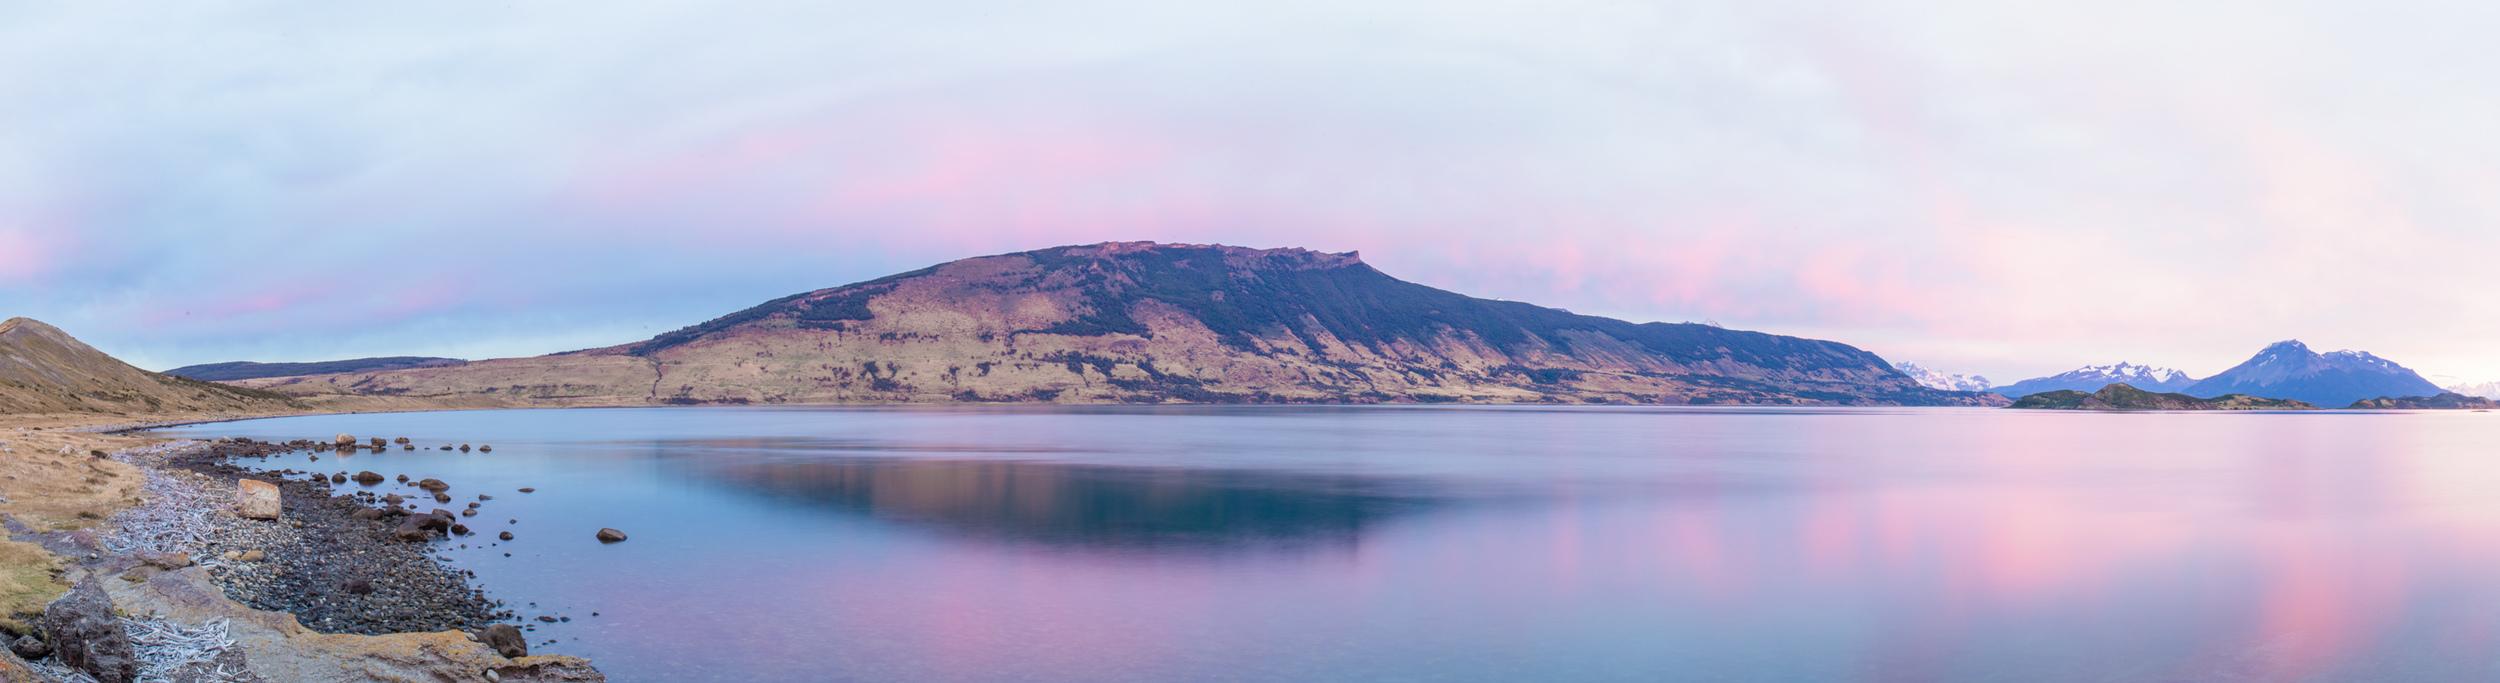 Cerro Ballena (Whale Hill)